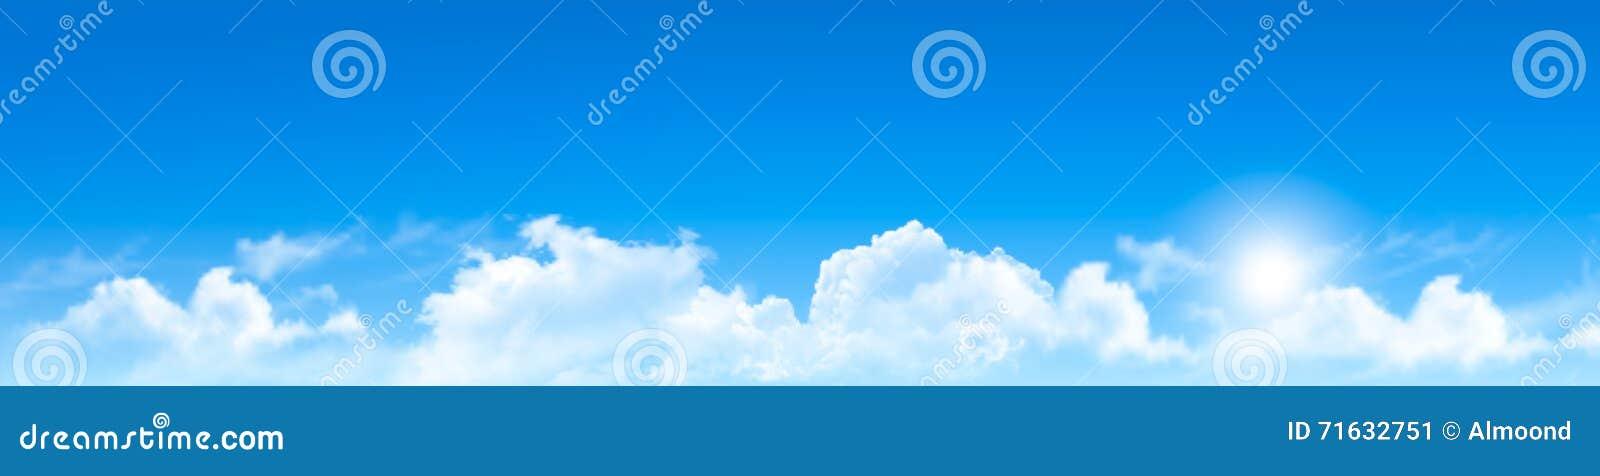 Fondo de la naturaleza con el cielo azul y las nubes